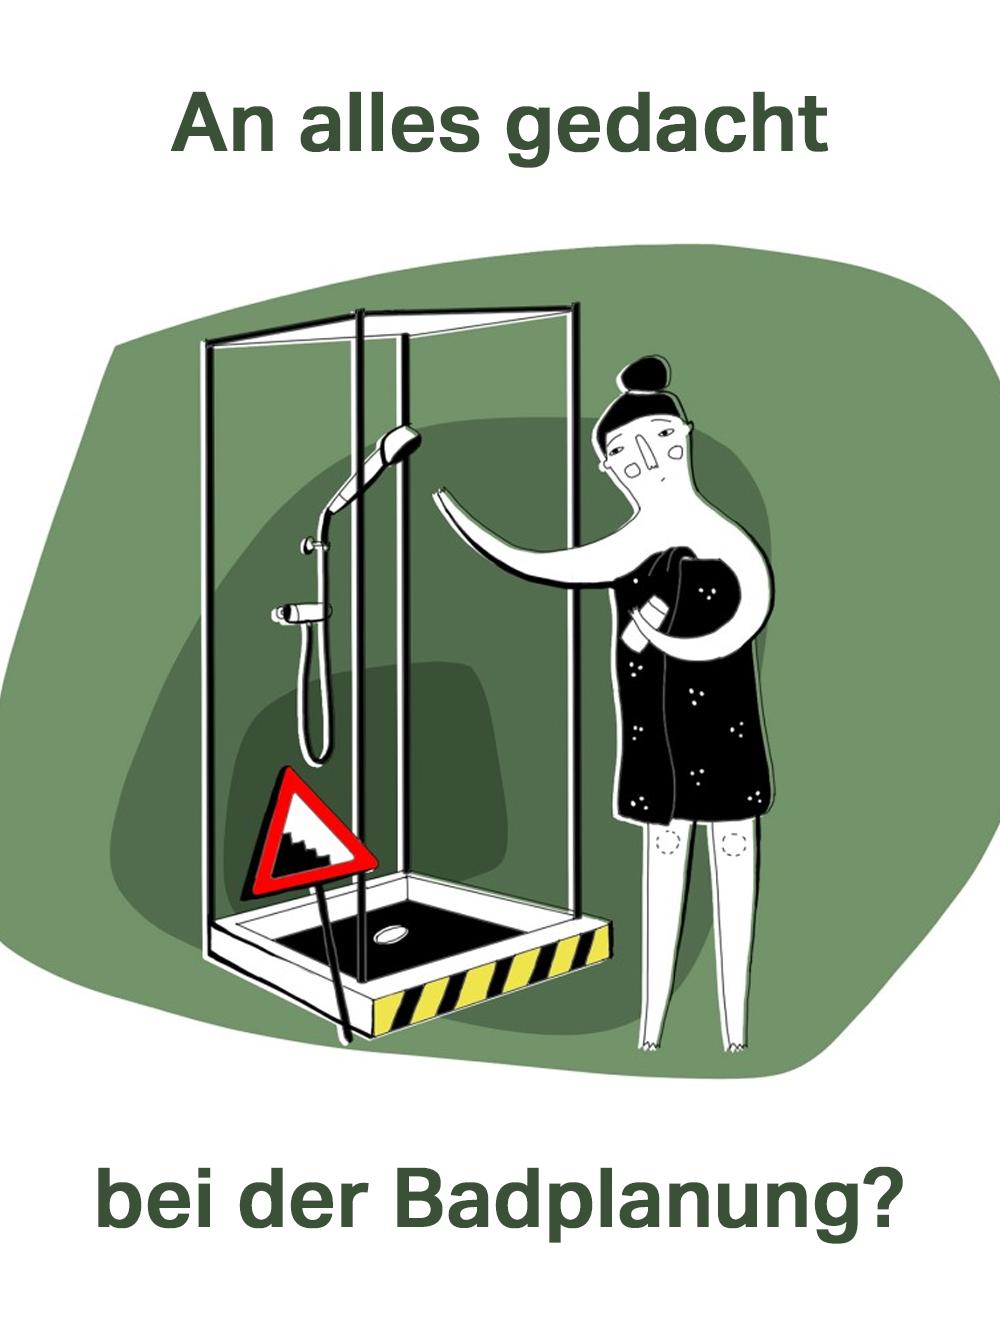 Die Checkliste für vorausschauende Badplanung